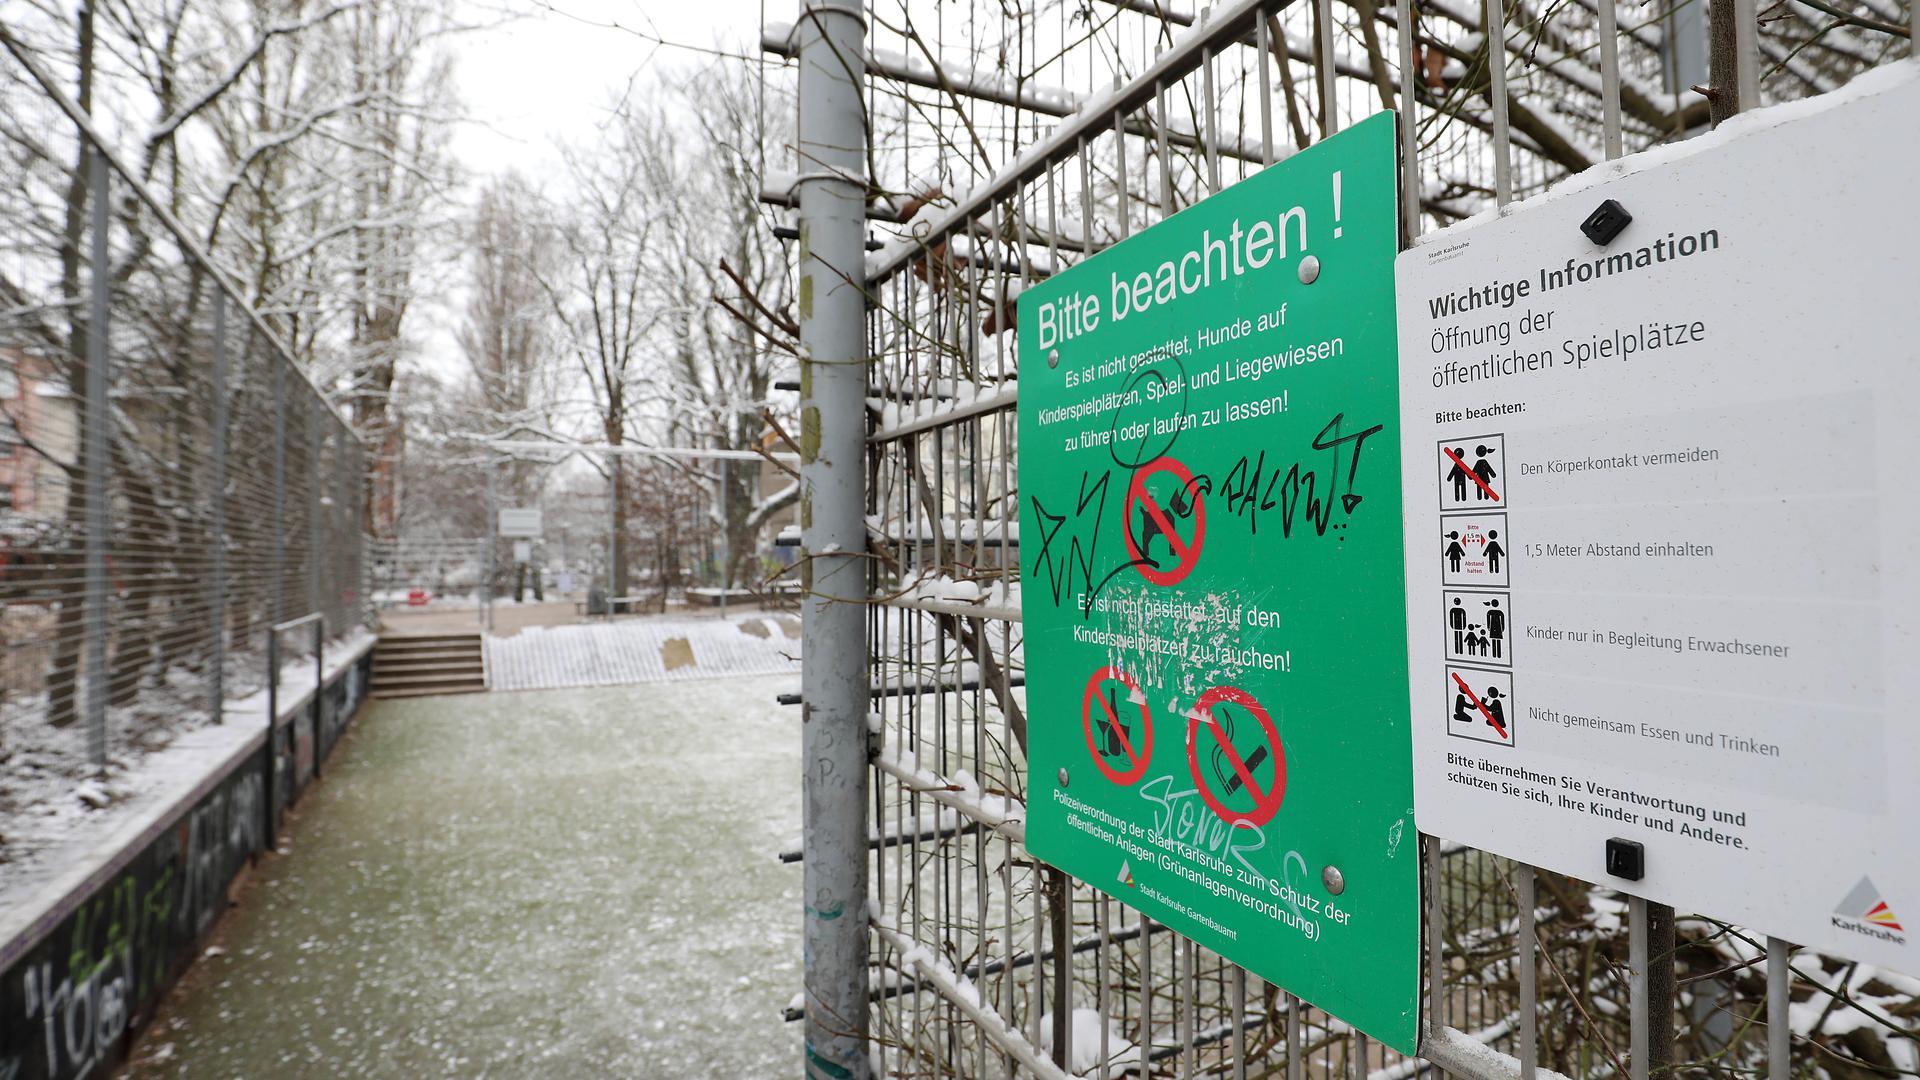 © Jodo-Foto /  Joerg  Donecker// 9.02.2021 Bolzplatz in der Suedstadt / Gruenstreifen beim Jugendhaus Suedsatdt,   -Copyright - Jodo-Foto /  Joerg  Donecker Sonnenbergstr.4  D-76228 KARLSRUHE TEL:  0049 (0) 721-9473285 FAX:  0049 (0) 721 4903368  Mobil: 0049 (0) 172 7238737 E-Mail:  joerg.donecker@t-online.de Sparkasse Karlsruhe  IBAN: DE12 6605 0101 0010 0395 50, BIC: KARSDE66XX Steuernummer 34140/28360 Veroeffentlichung nur gegen Honorar nach MFM zzgl. ges. Mwst.  , Belegexemplar und Namensnennung. Es gelten meine AGB.